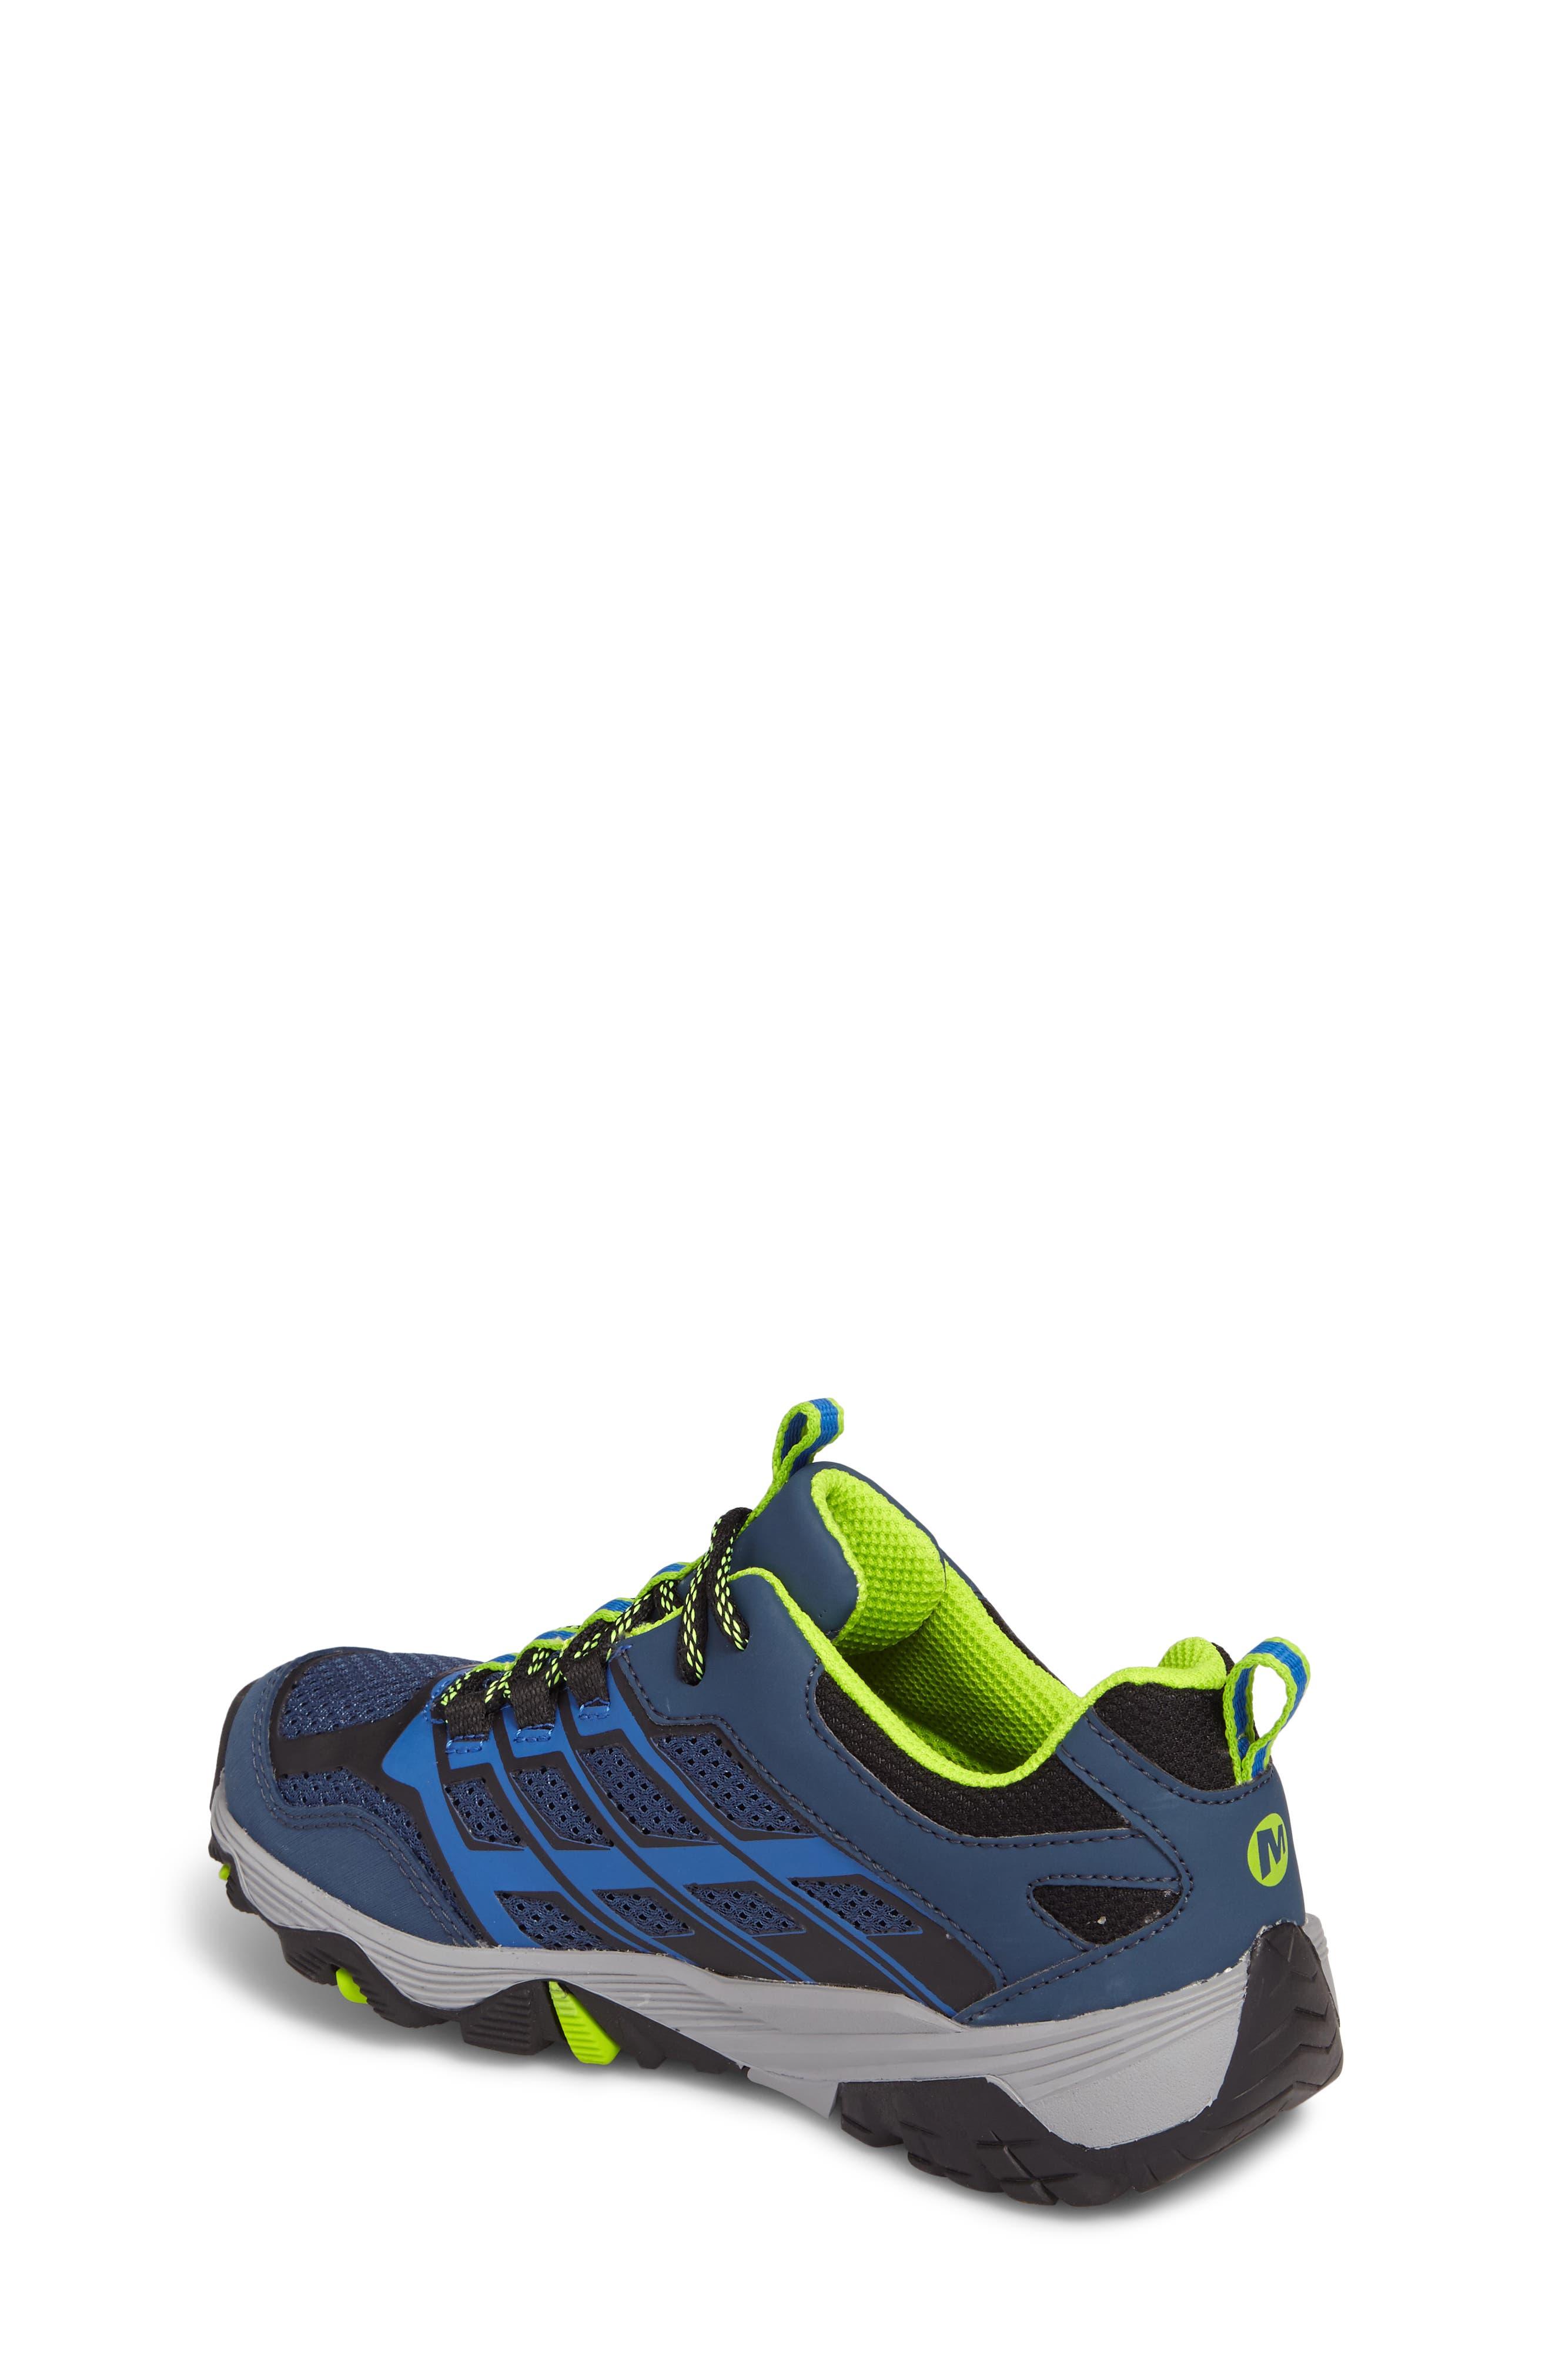 Moab FST Polar Low Waterproof Sneaker,                             Alternate thumbnail 2, color,                             NAVY/ BLUE